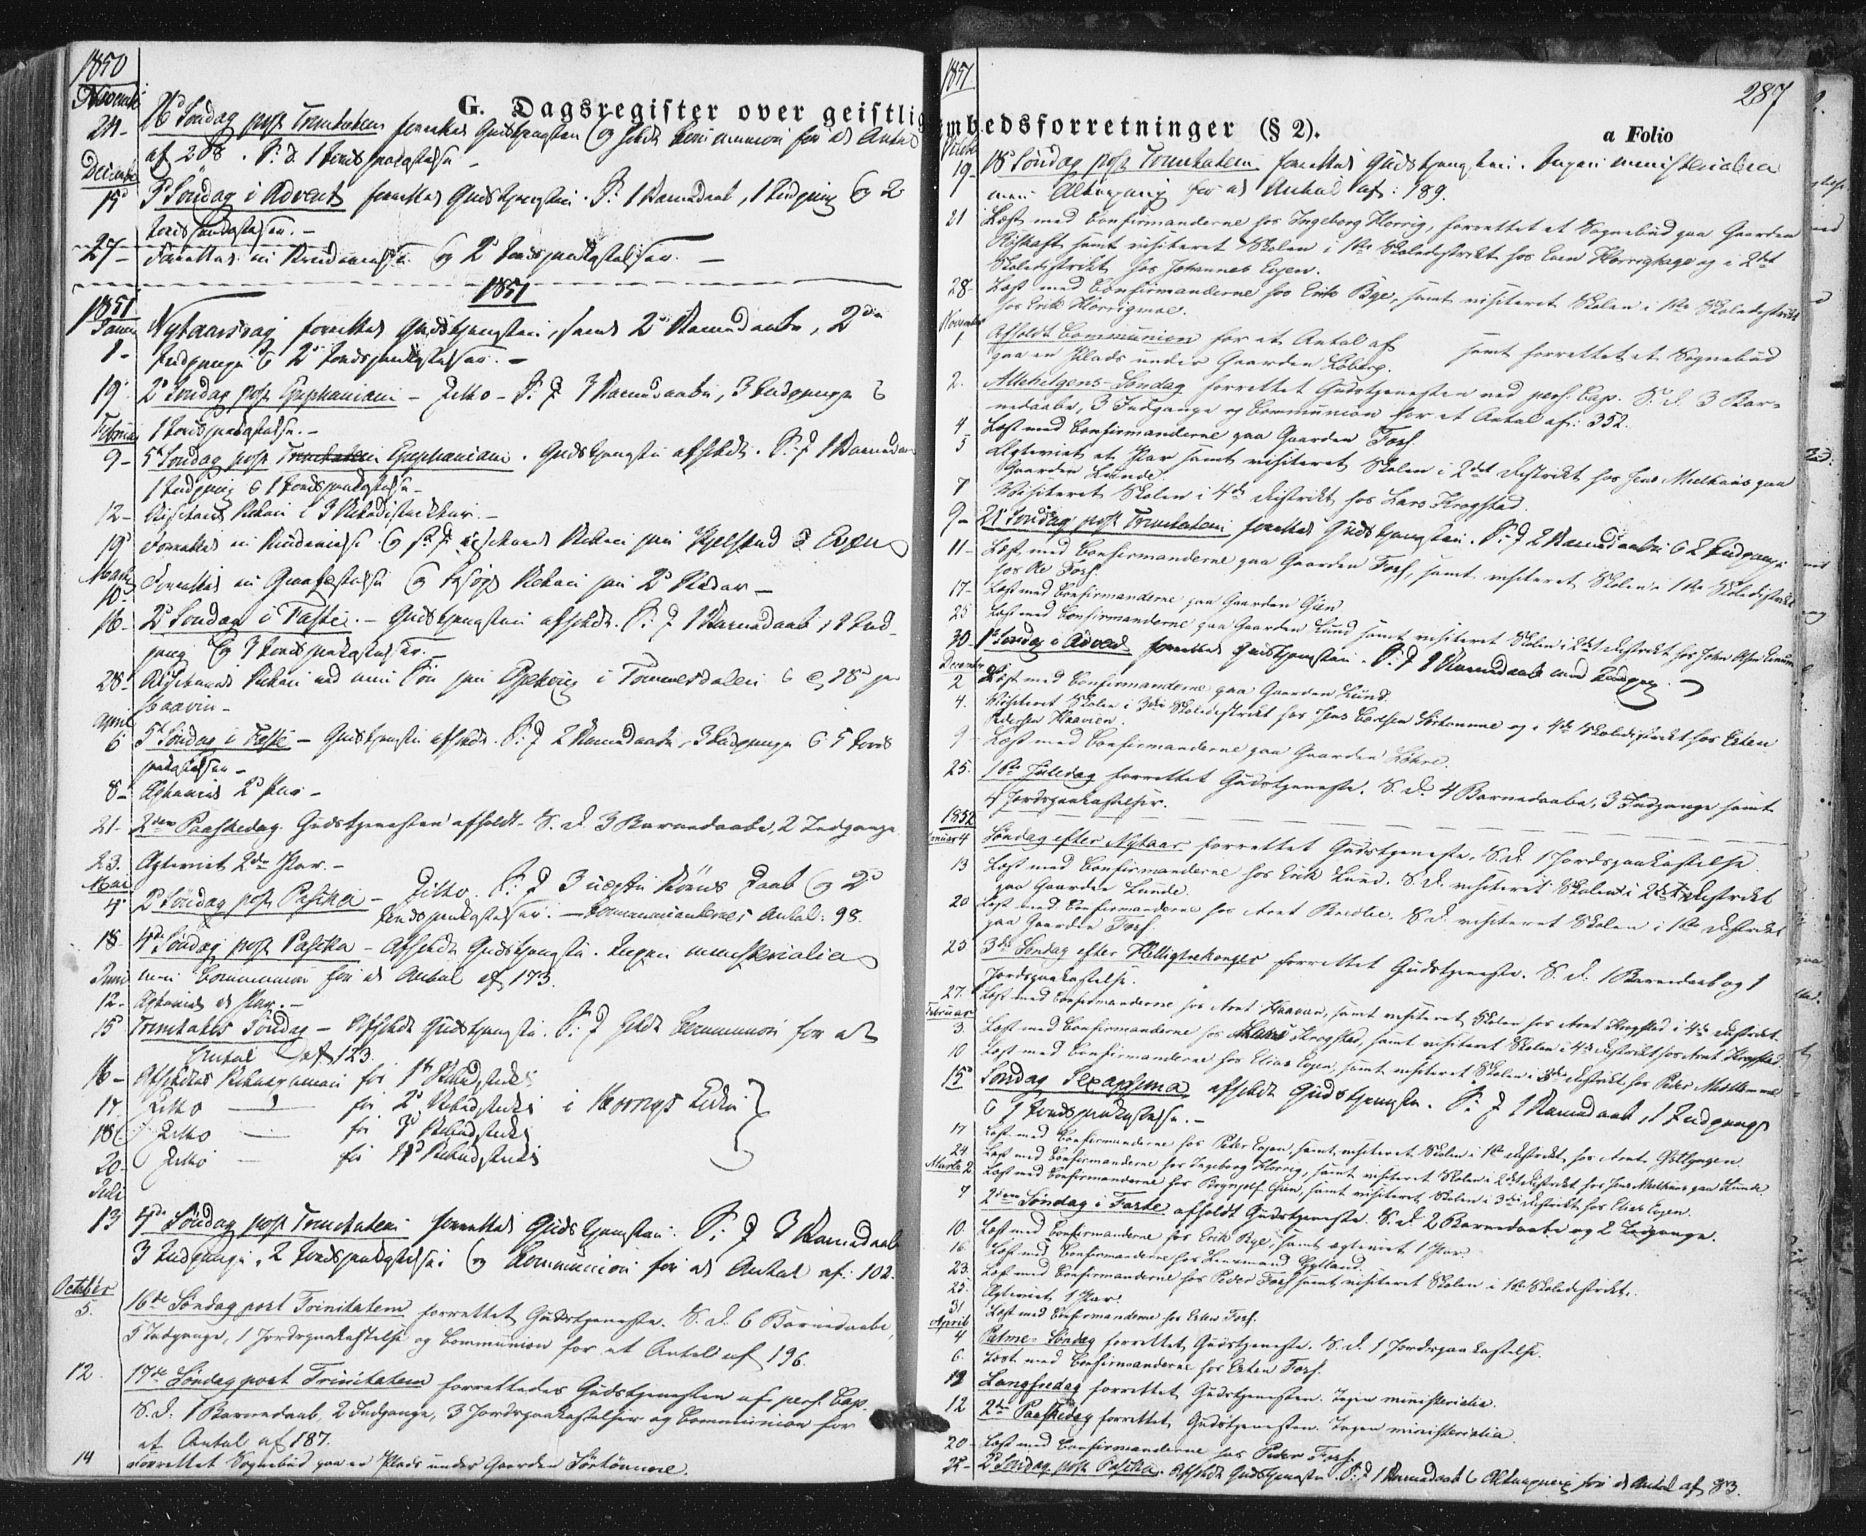 SAT, Ministerialprotokoller, klokkerbøker og fødselsregistre - Sør-Trøndelag, 692/L1103: Ministerialbok nr. 692A03, 1849-1870, s. 287